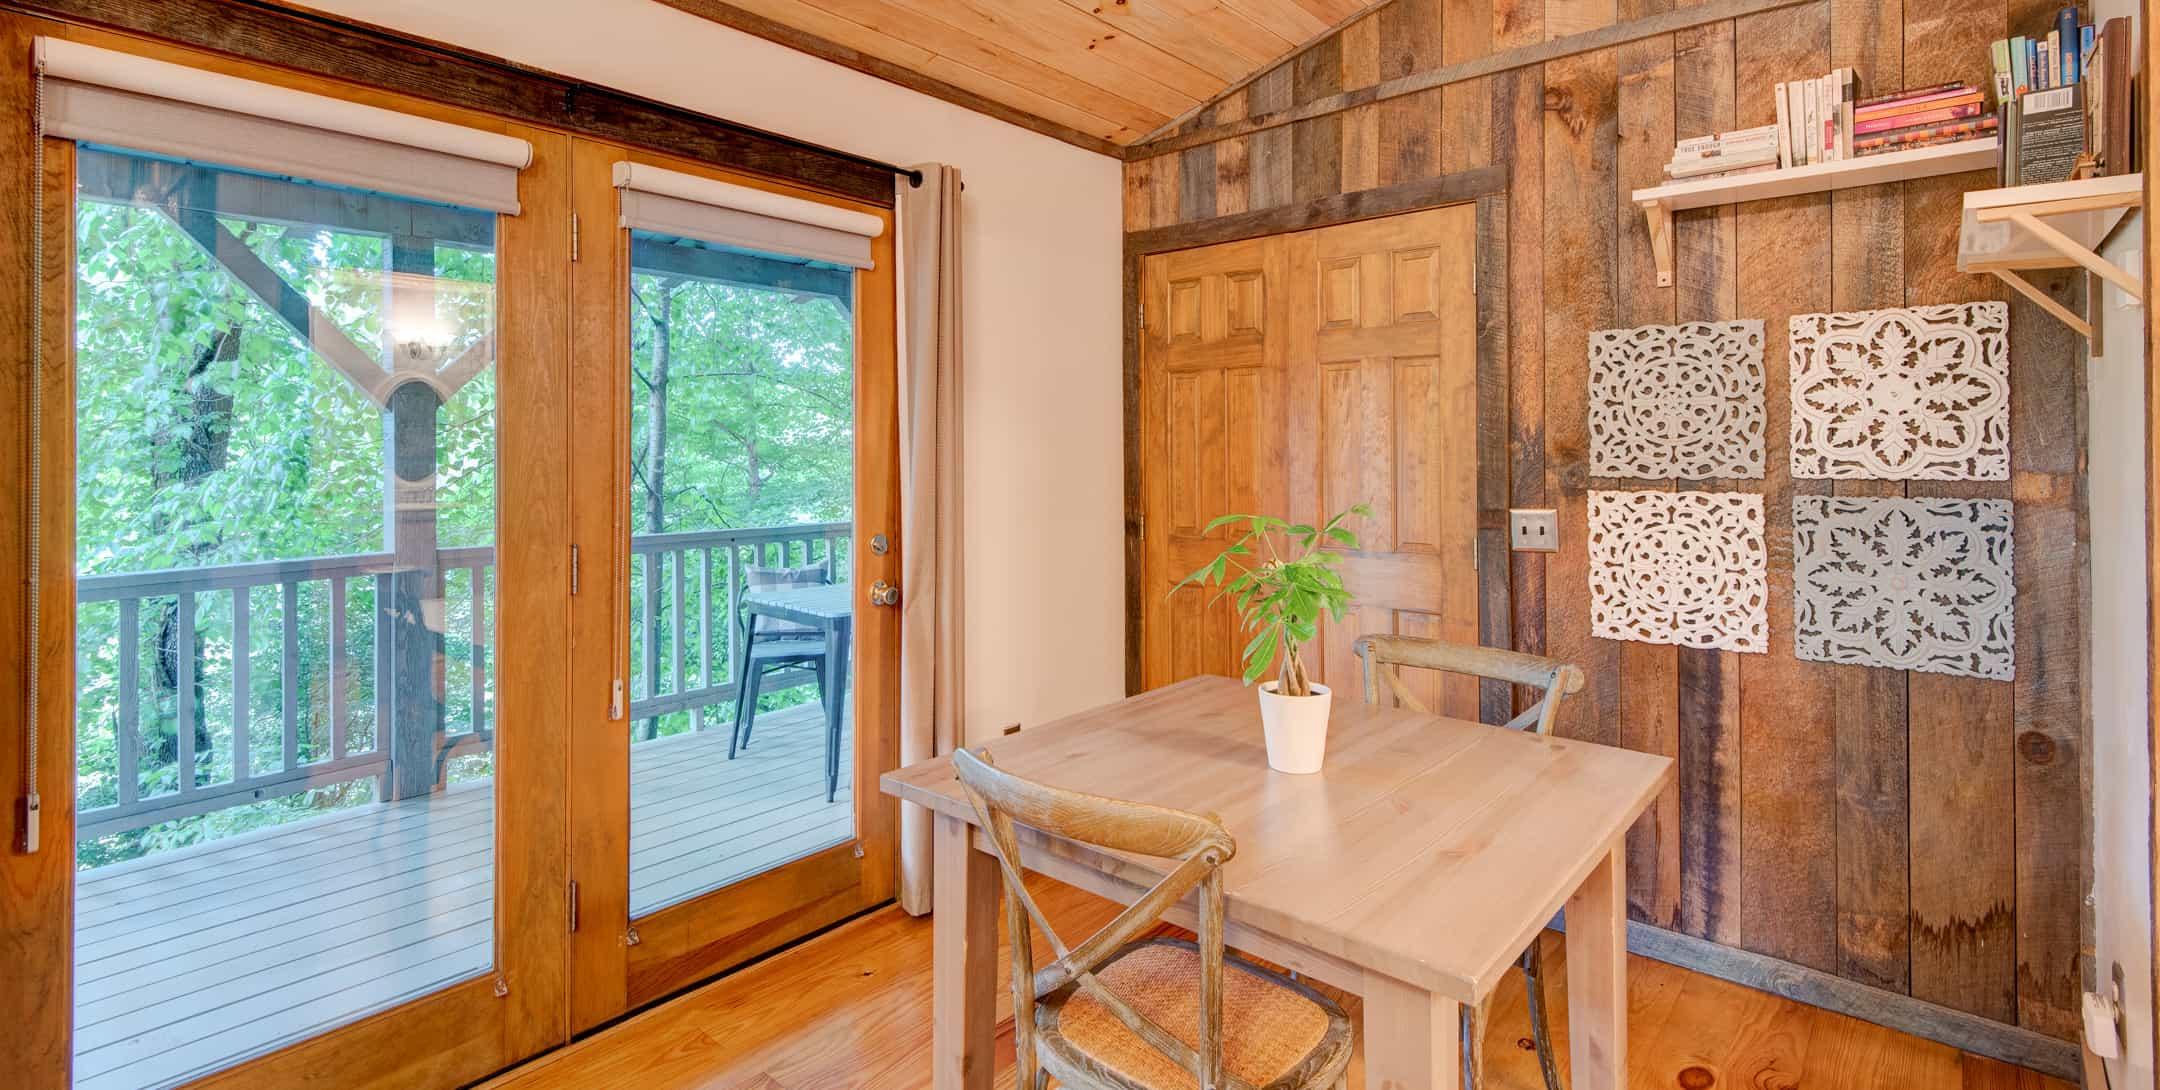 Kitchenette in the Gazebo Cabin